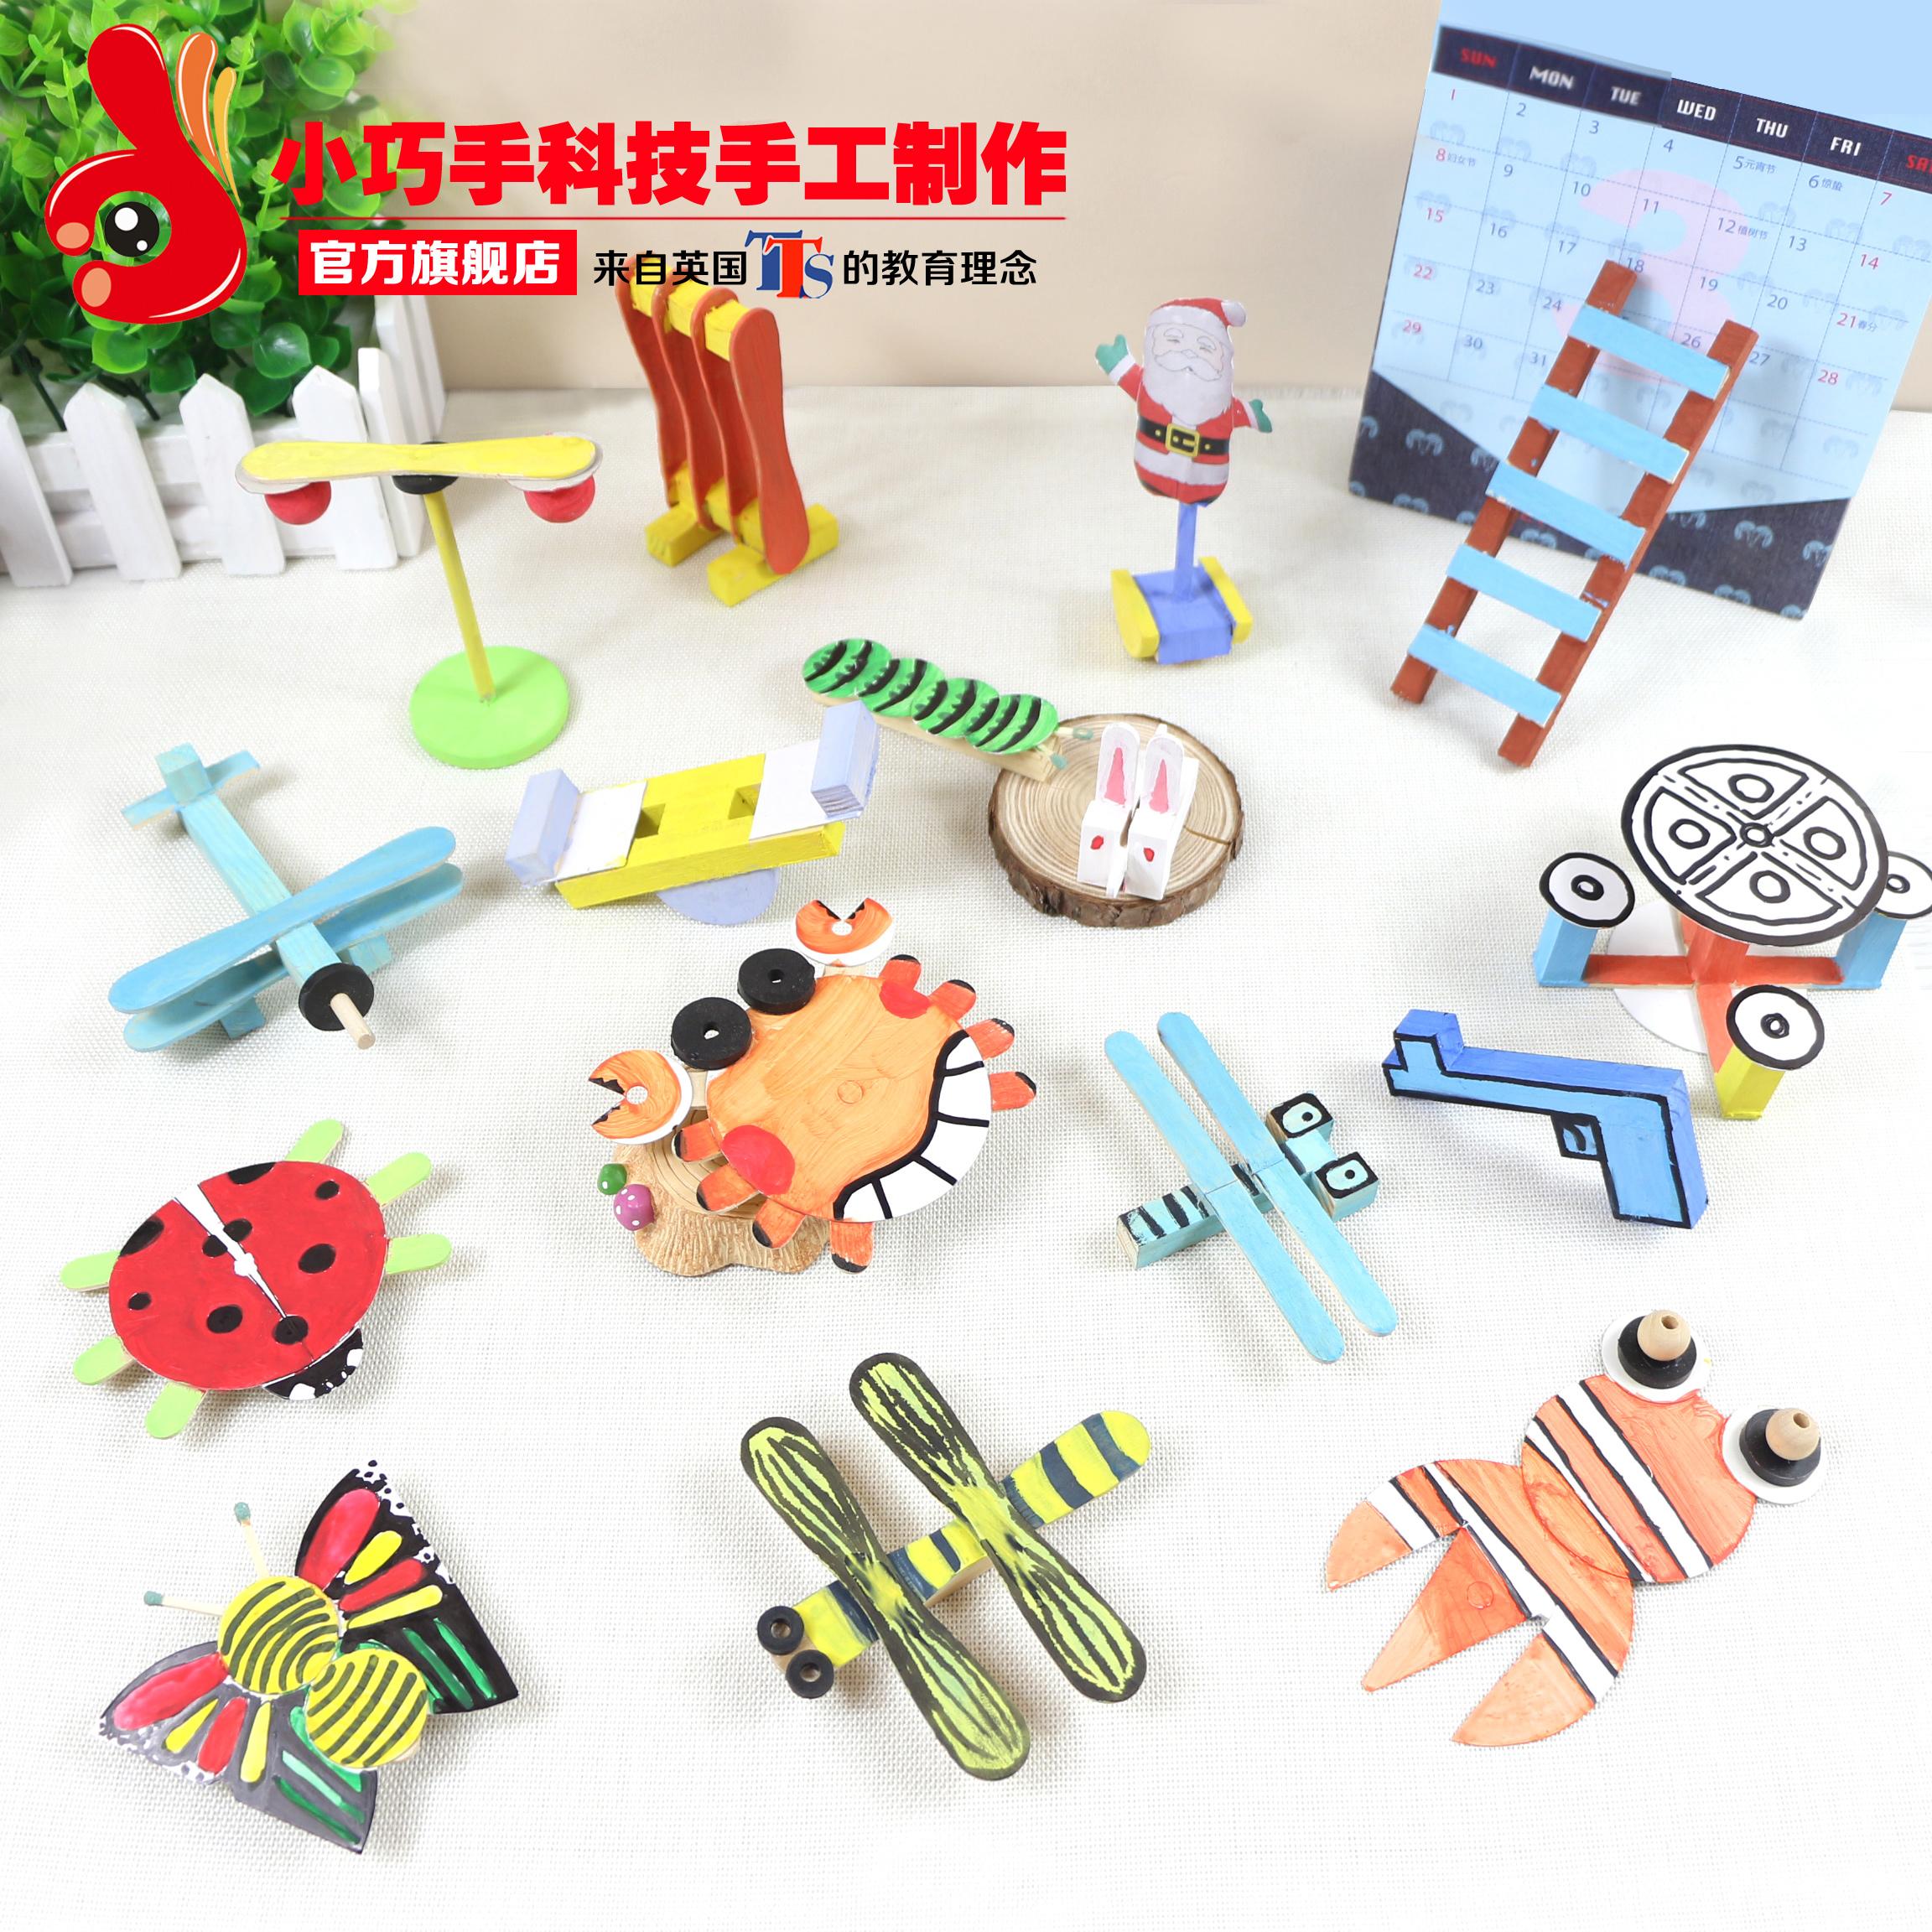 幼儿园小手工制作材料包美劳diy 趣味儿童3-6岁男女动手模型玩具